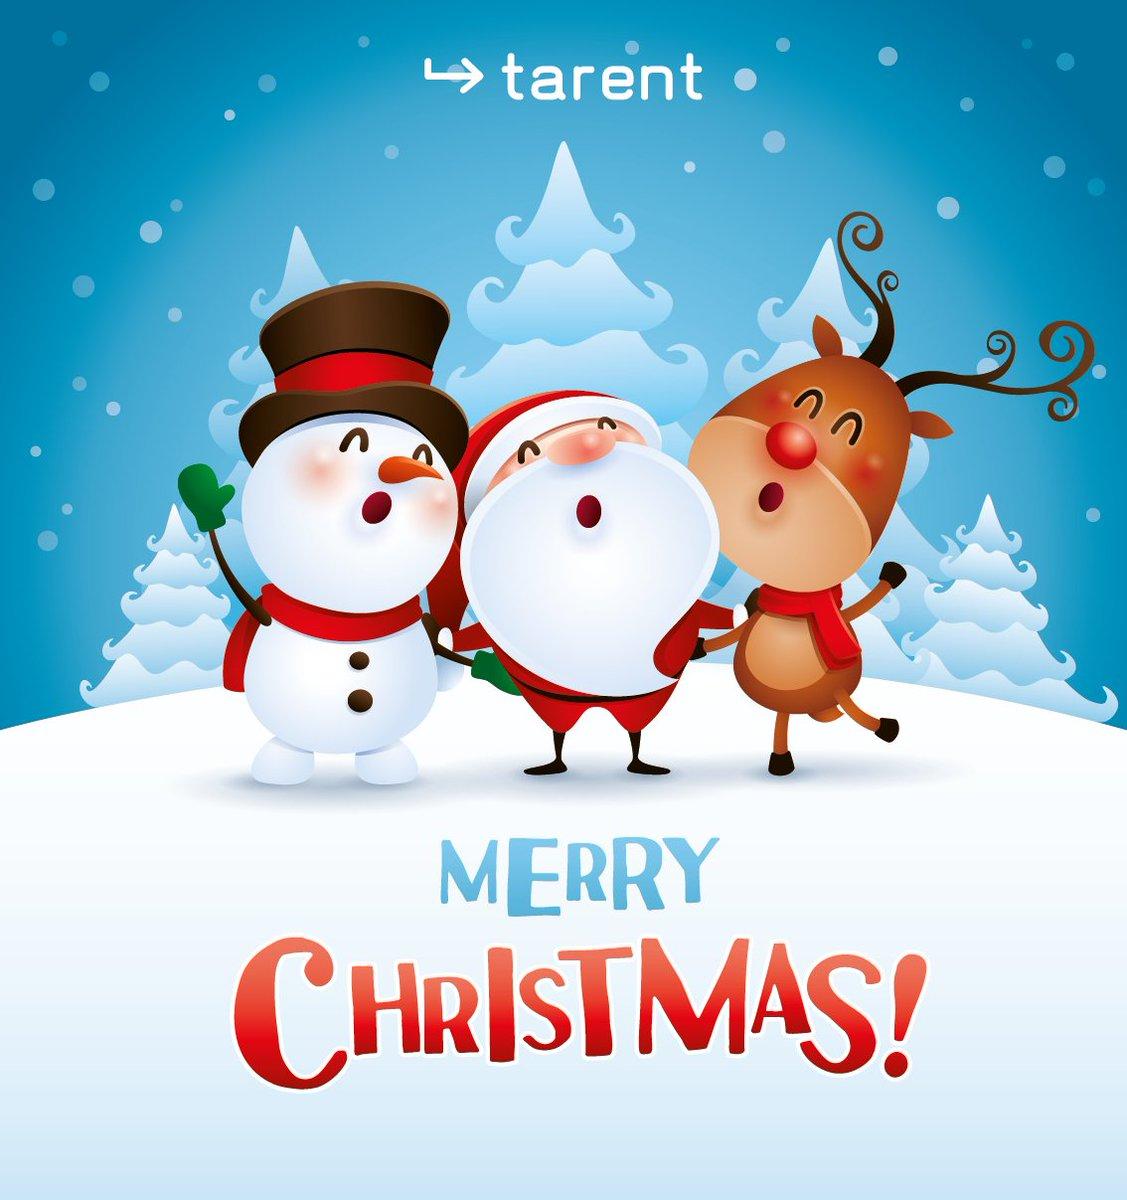 Frohe Weihnachten Besinnliche Feiertage.Tarent On Twitter Wir Wünschen Euch Frohe Weihnachten Und